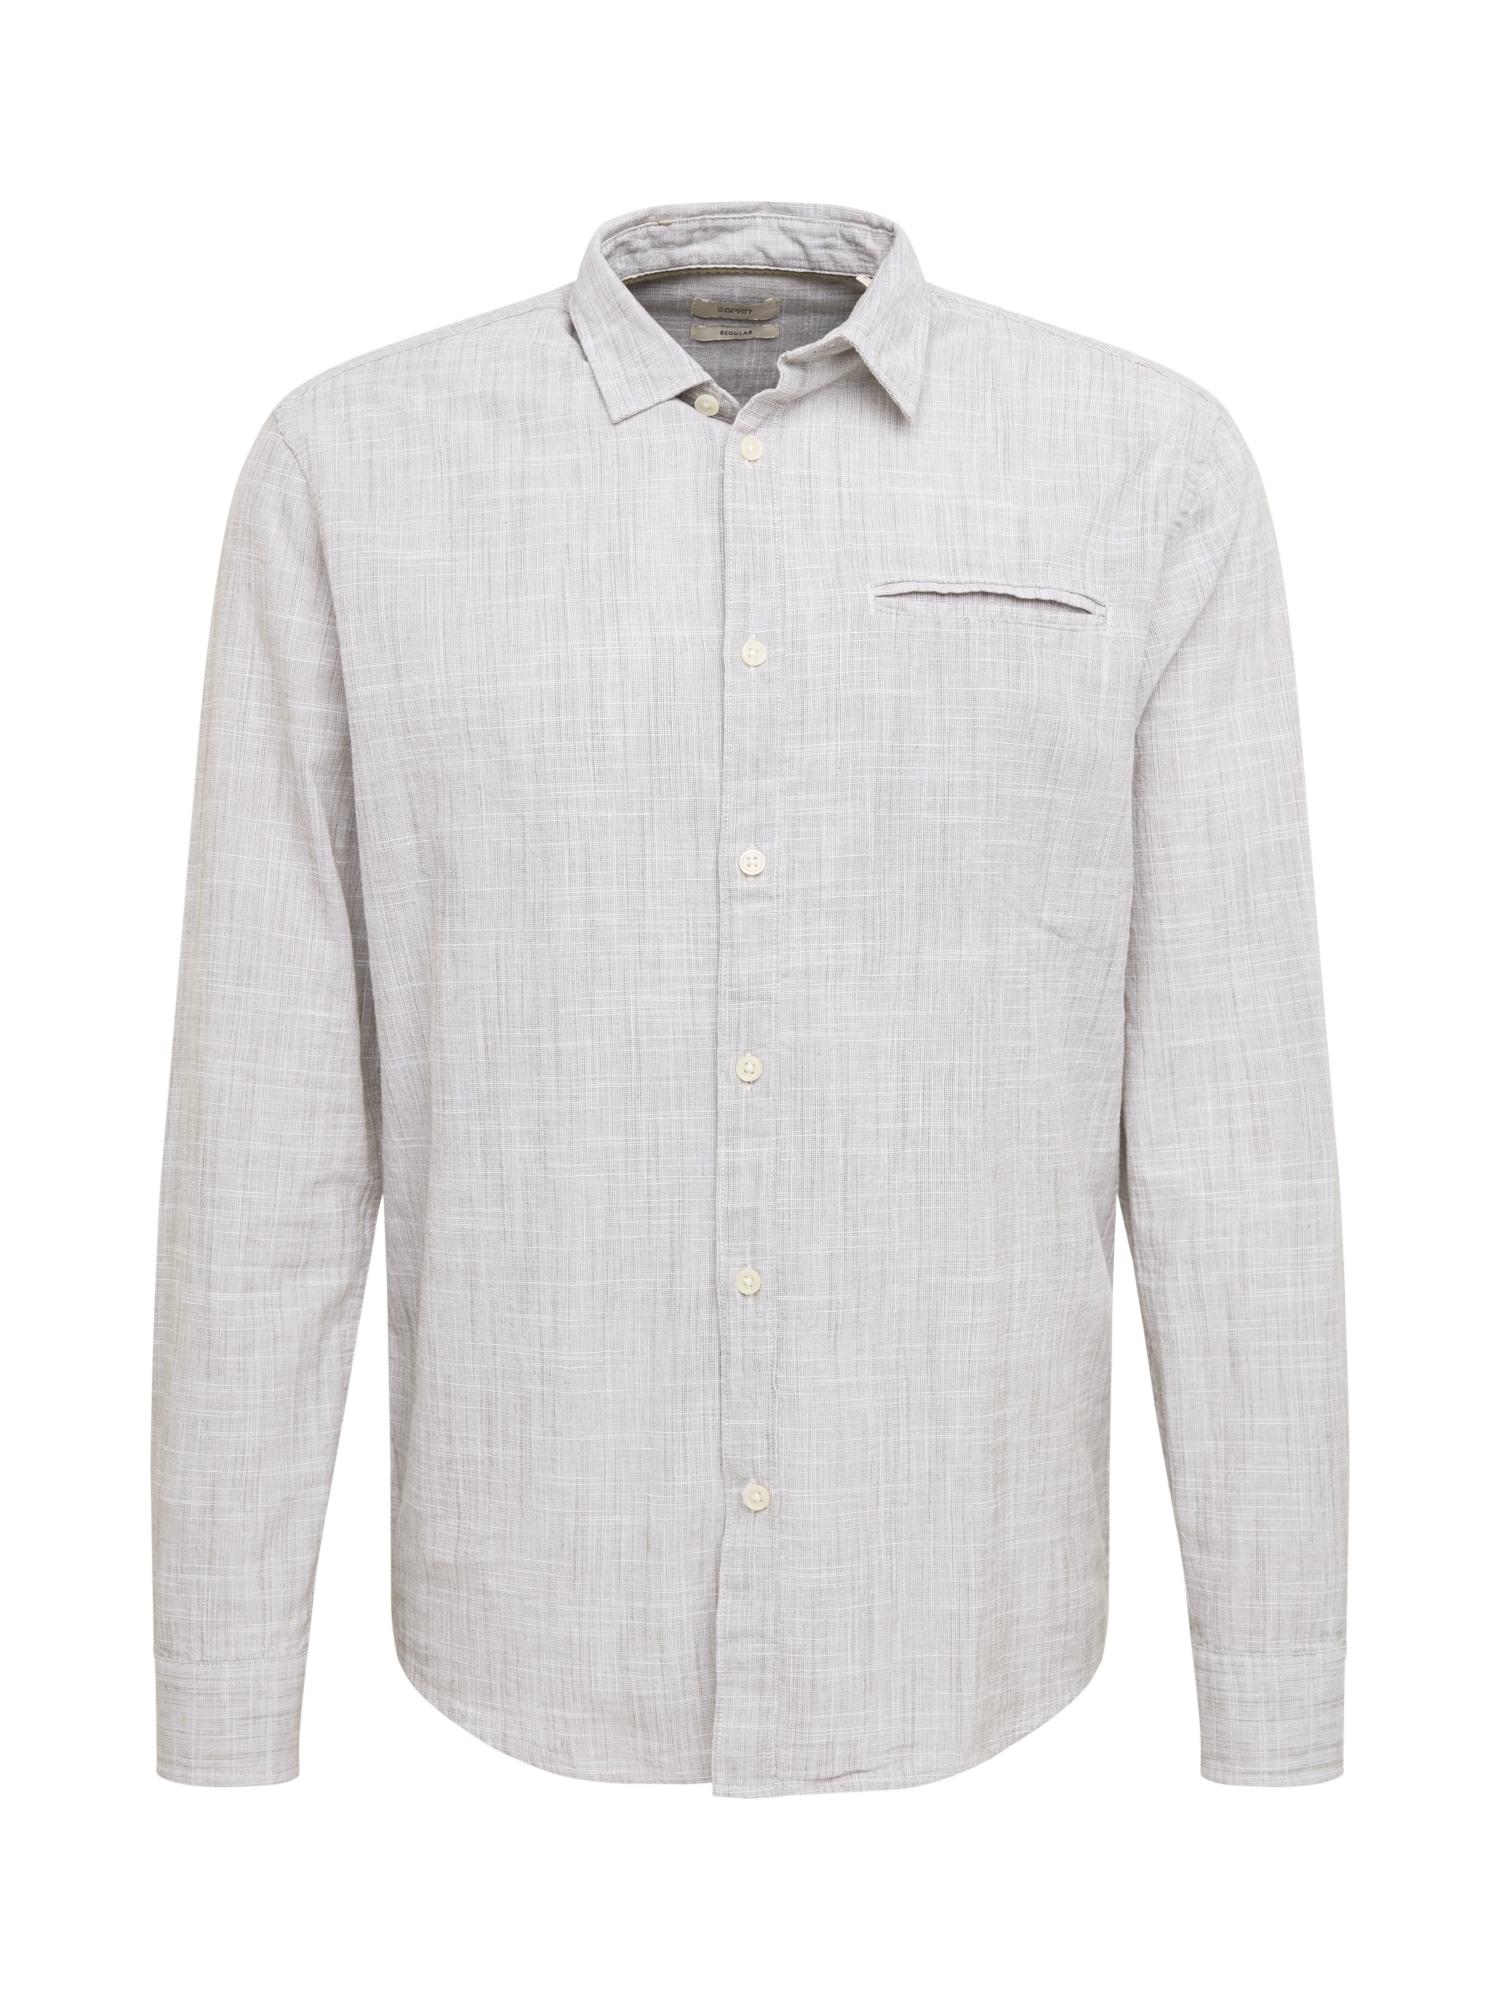 ESPRIT Marškiniai pilka